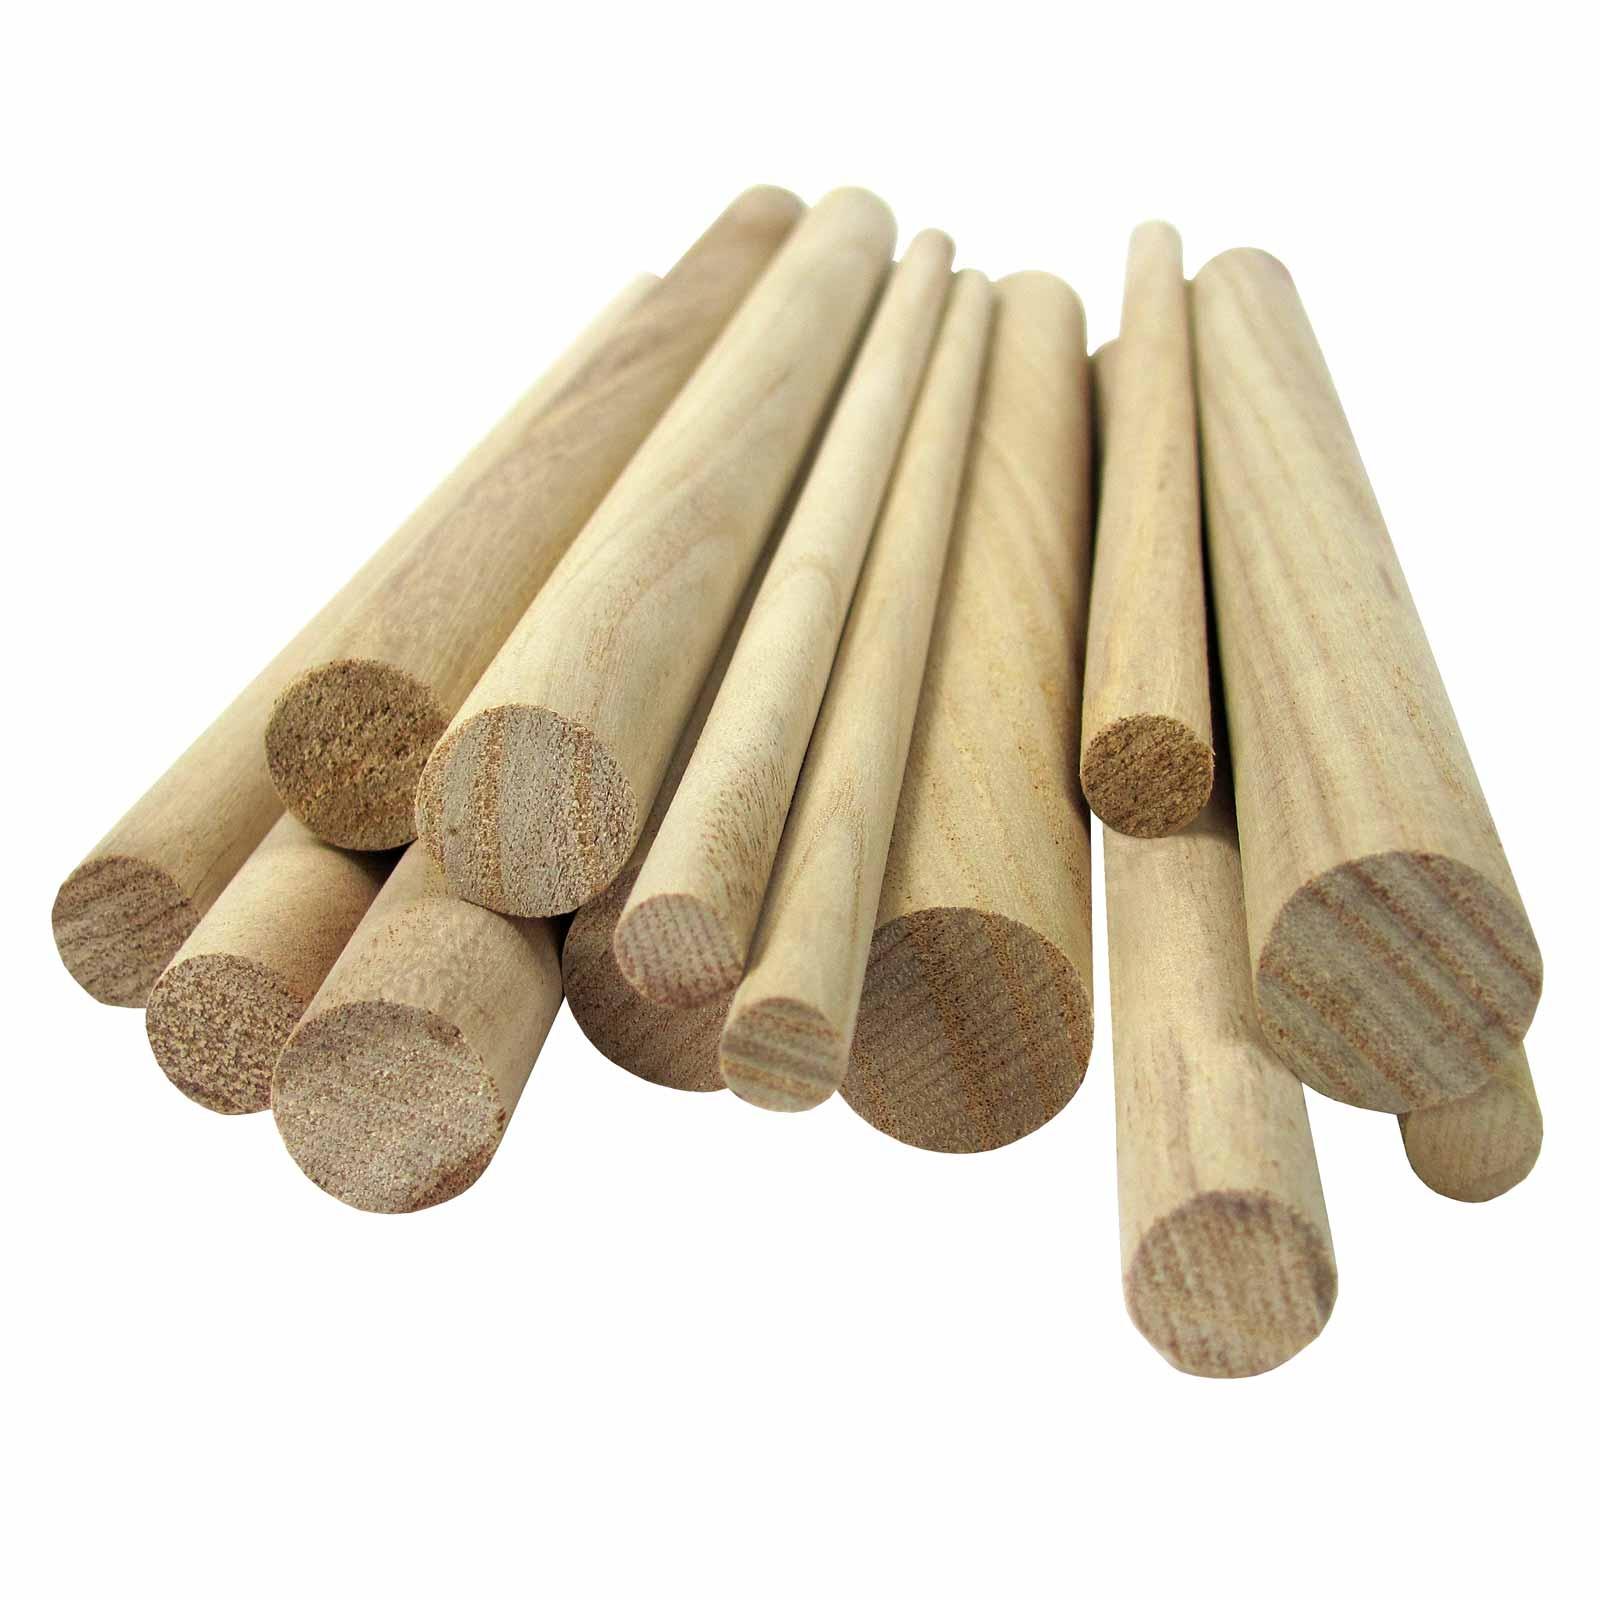 Wooden Craft DIY Dowels